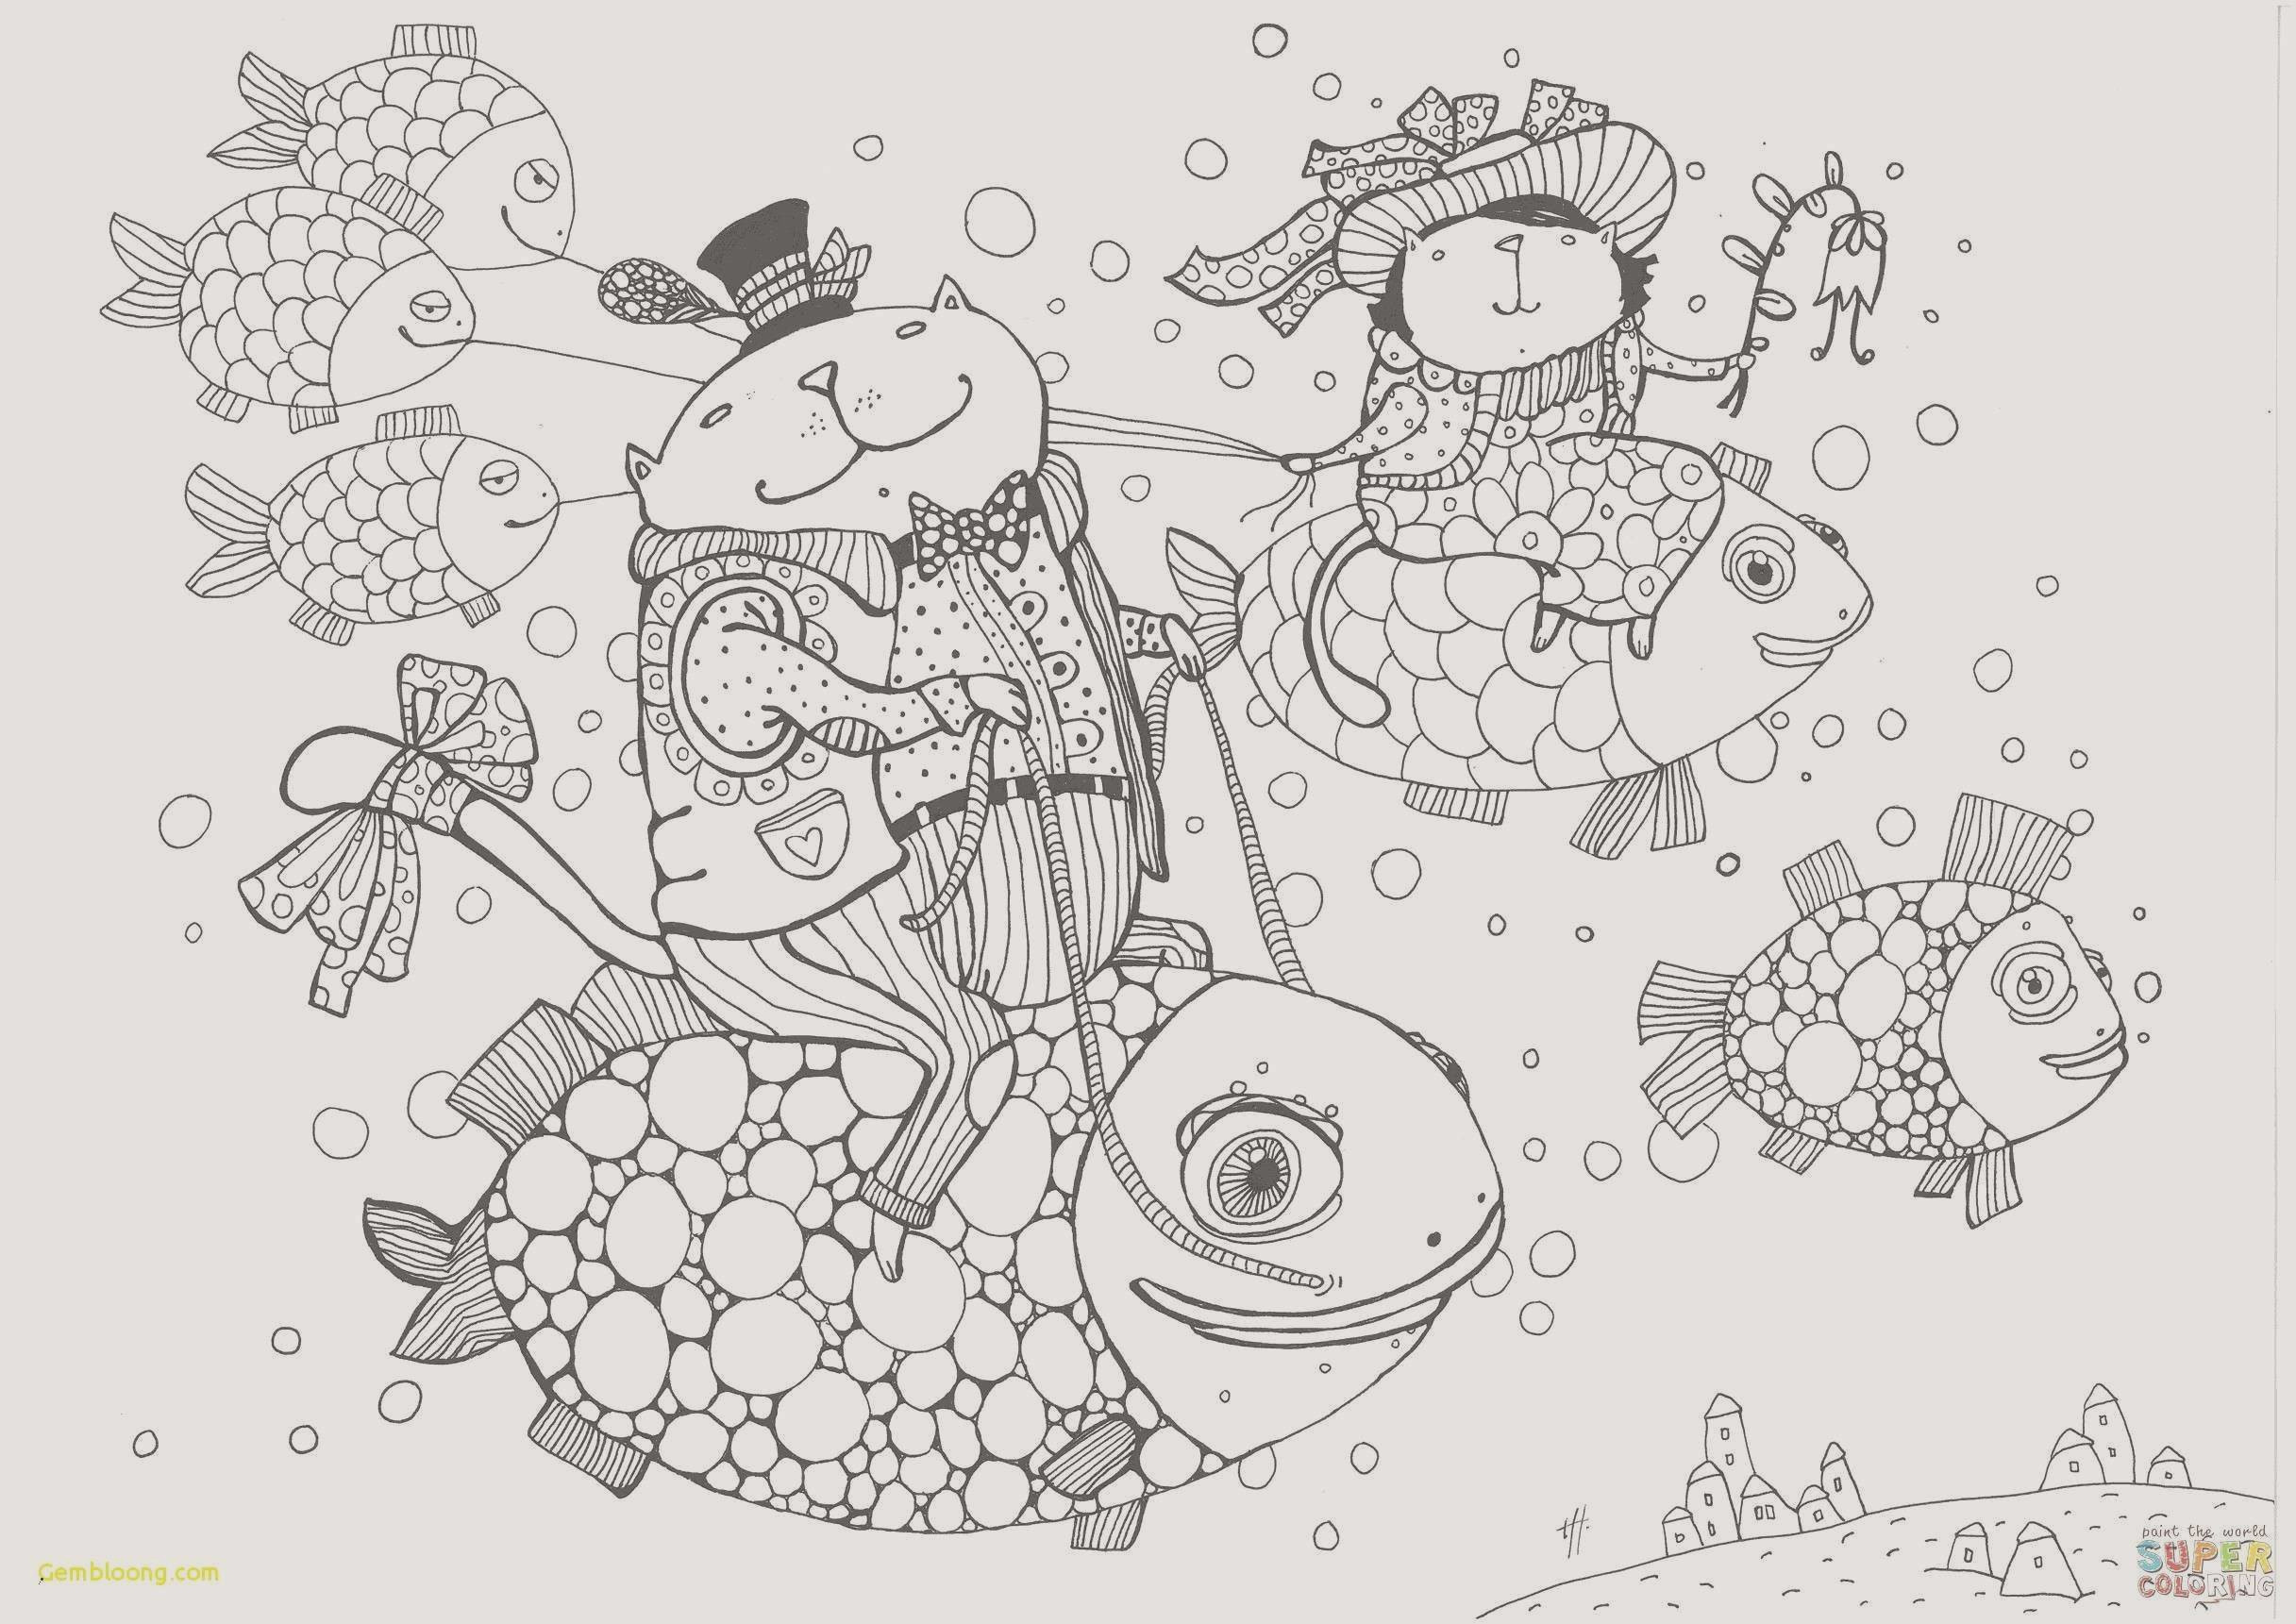 Ausmalbilder Für Weihnachten Zum Ausdrucken Genial 30 Best Malvorlagen Für Jungs Ausdrucken Das Bild